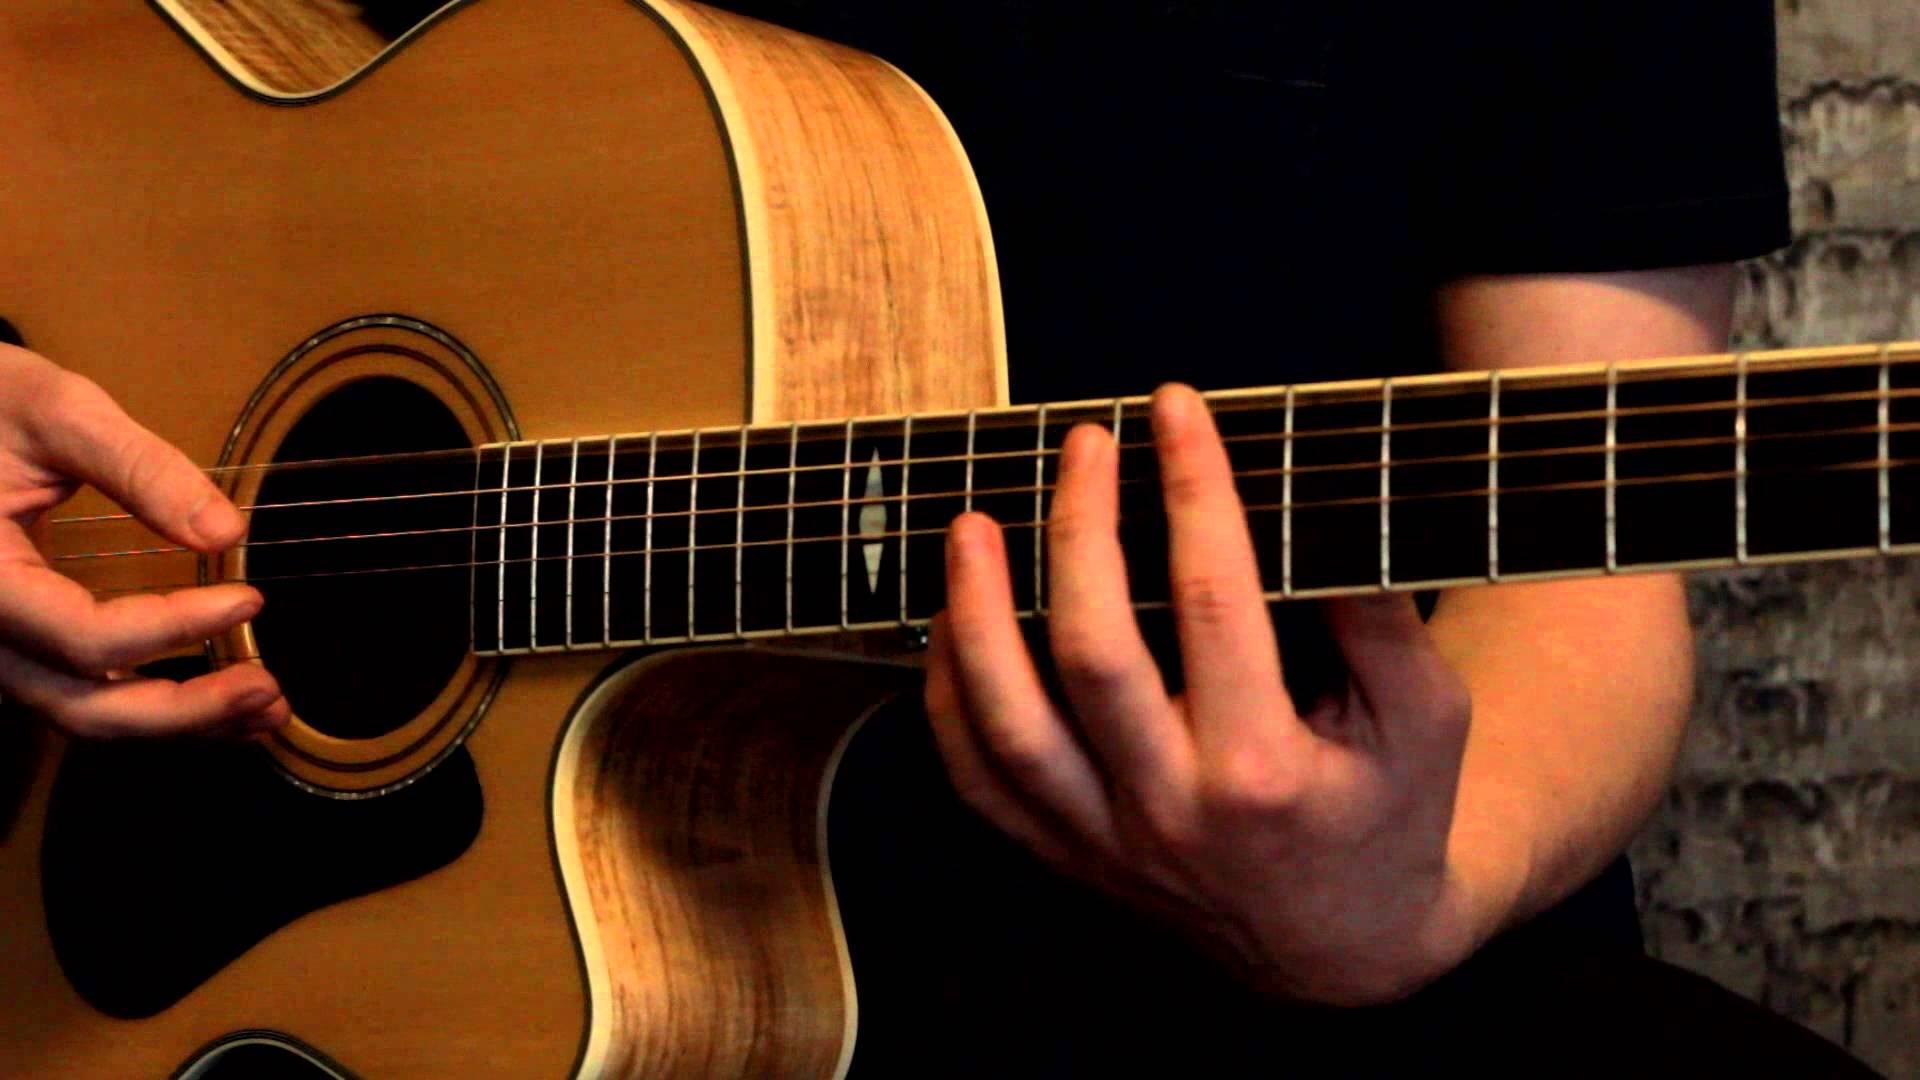 Kết quả hình ảnh cho guitar acoustic